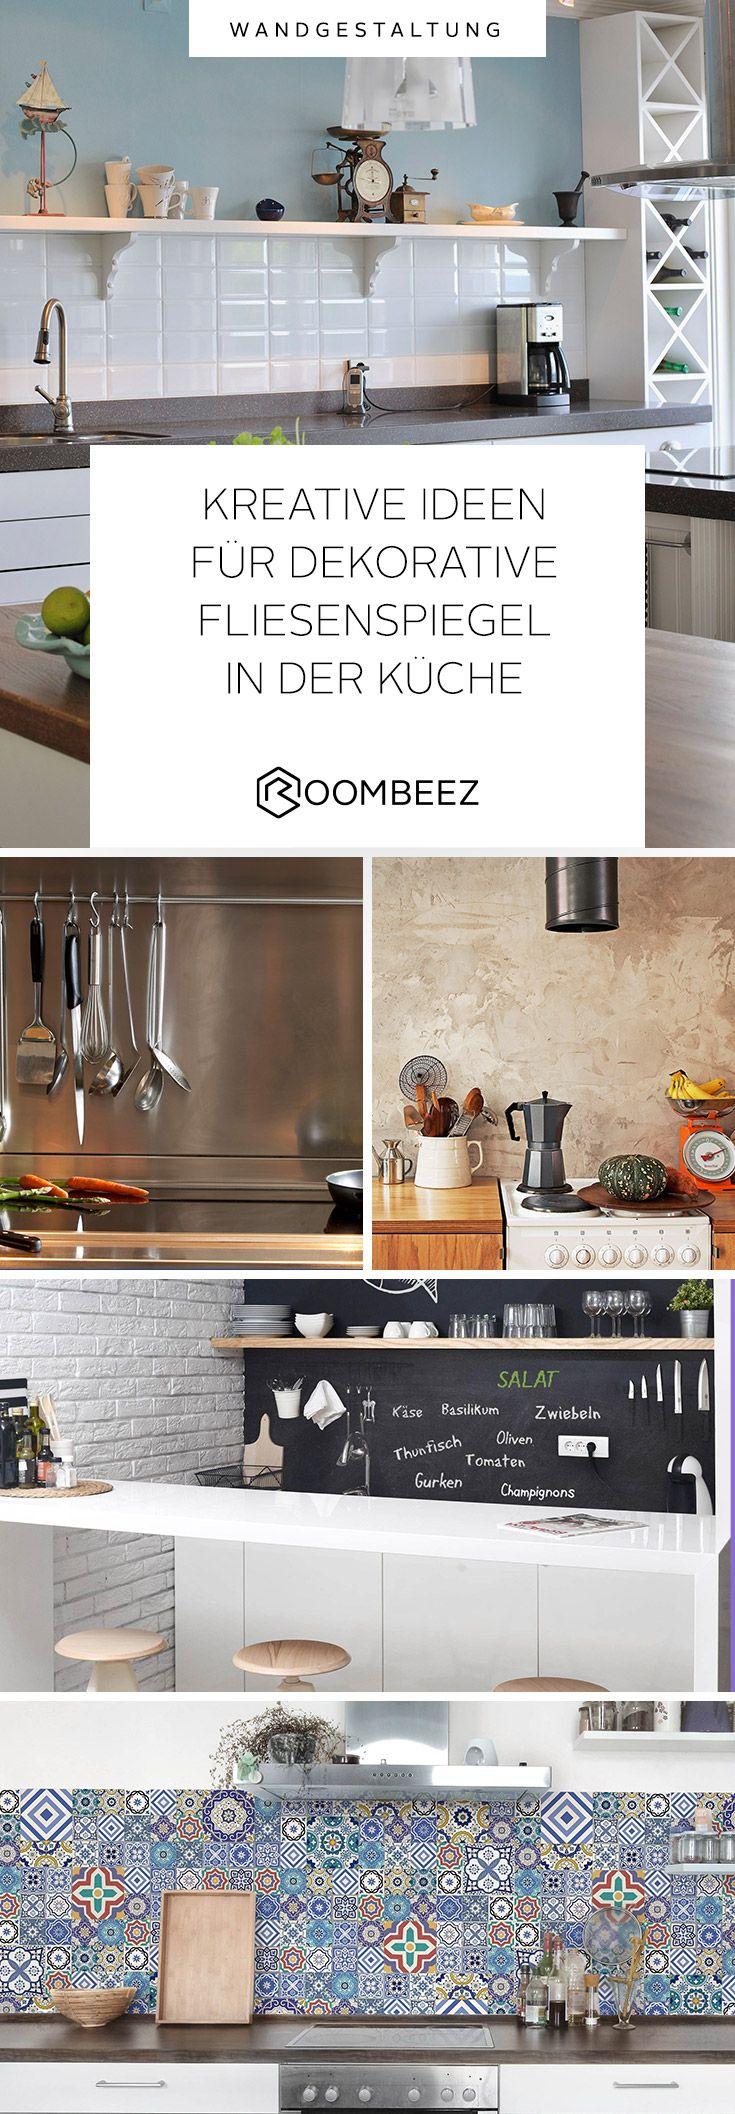 ◦ Dekorative Fliesenspiegel für die Küche ◦